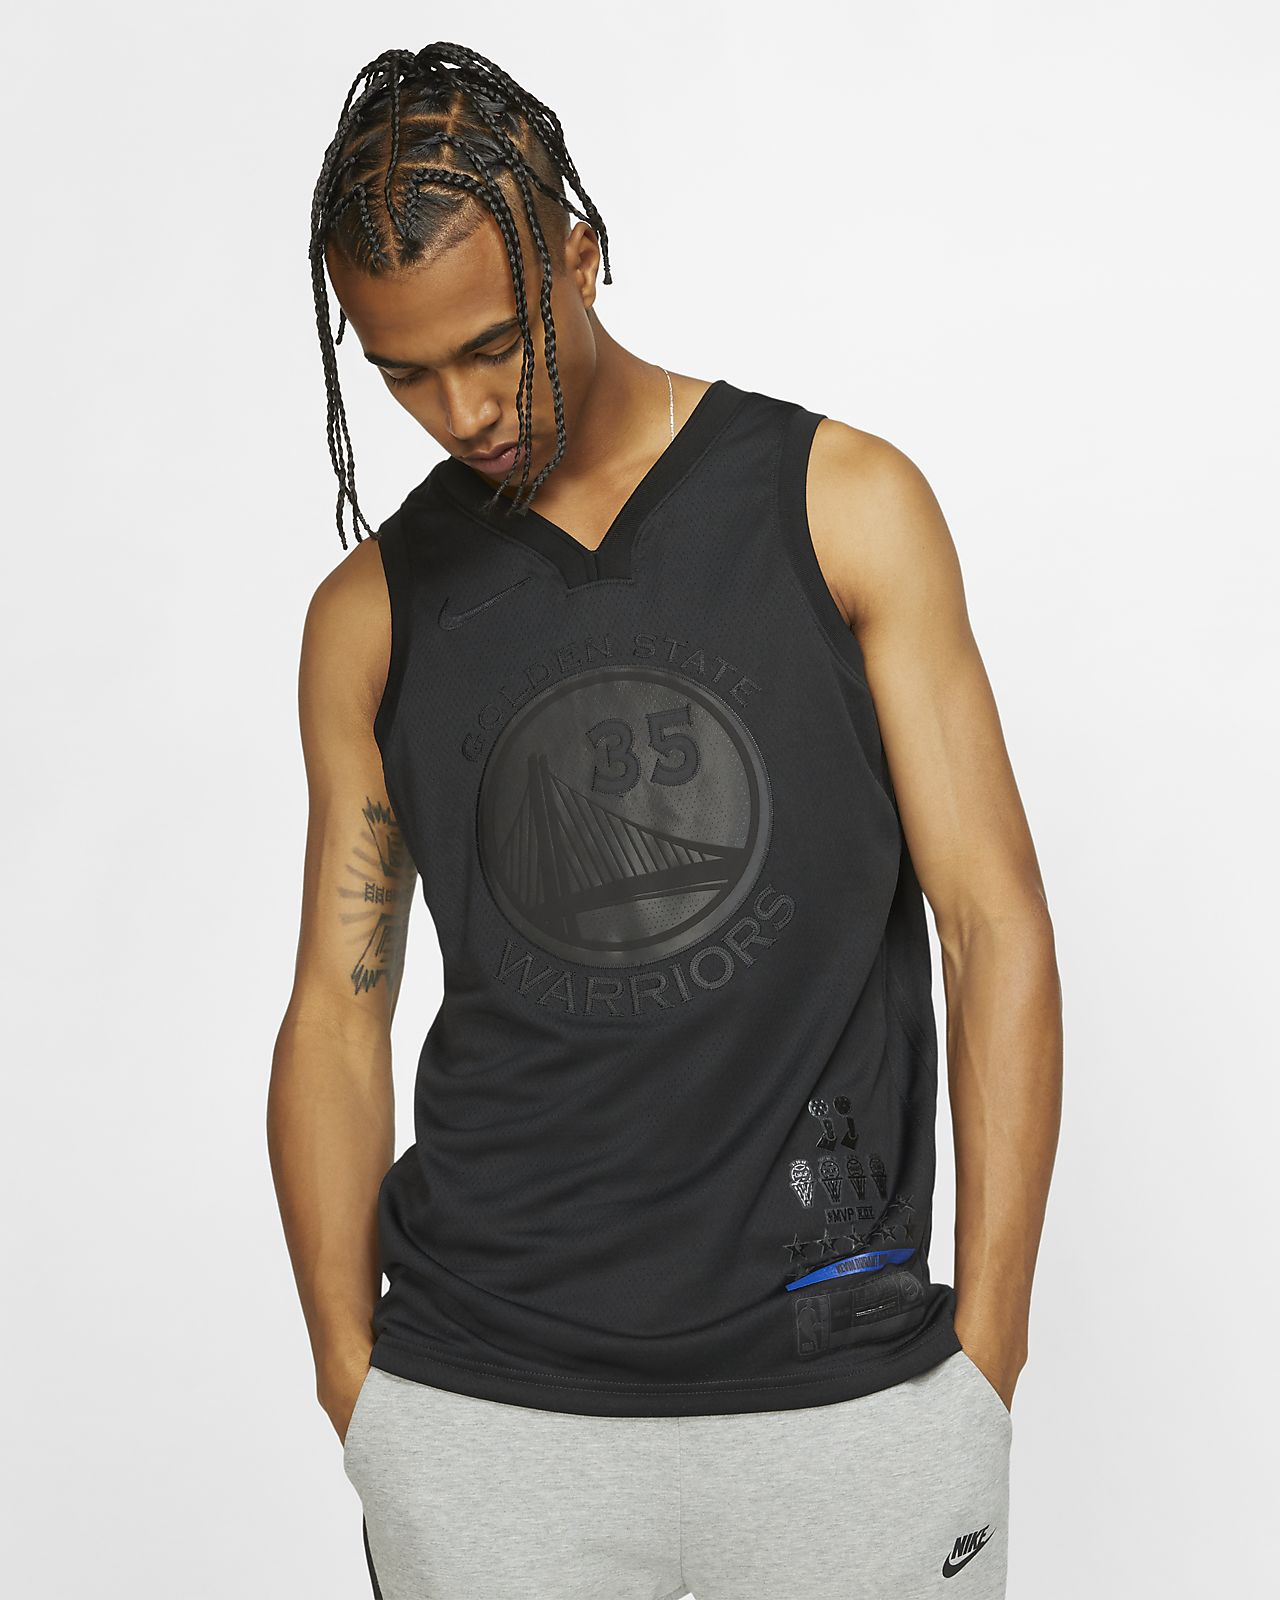 Camisola com ligação à NBA da Nike Kevin Durant MVP Swingman (Golden State Warriors) para homem